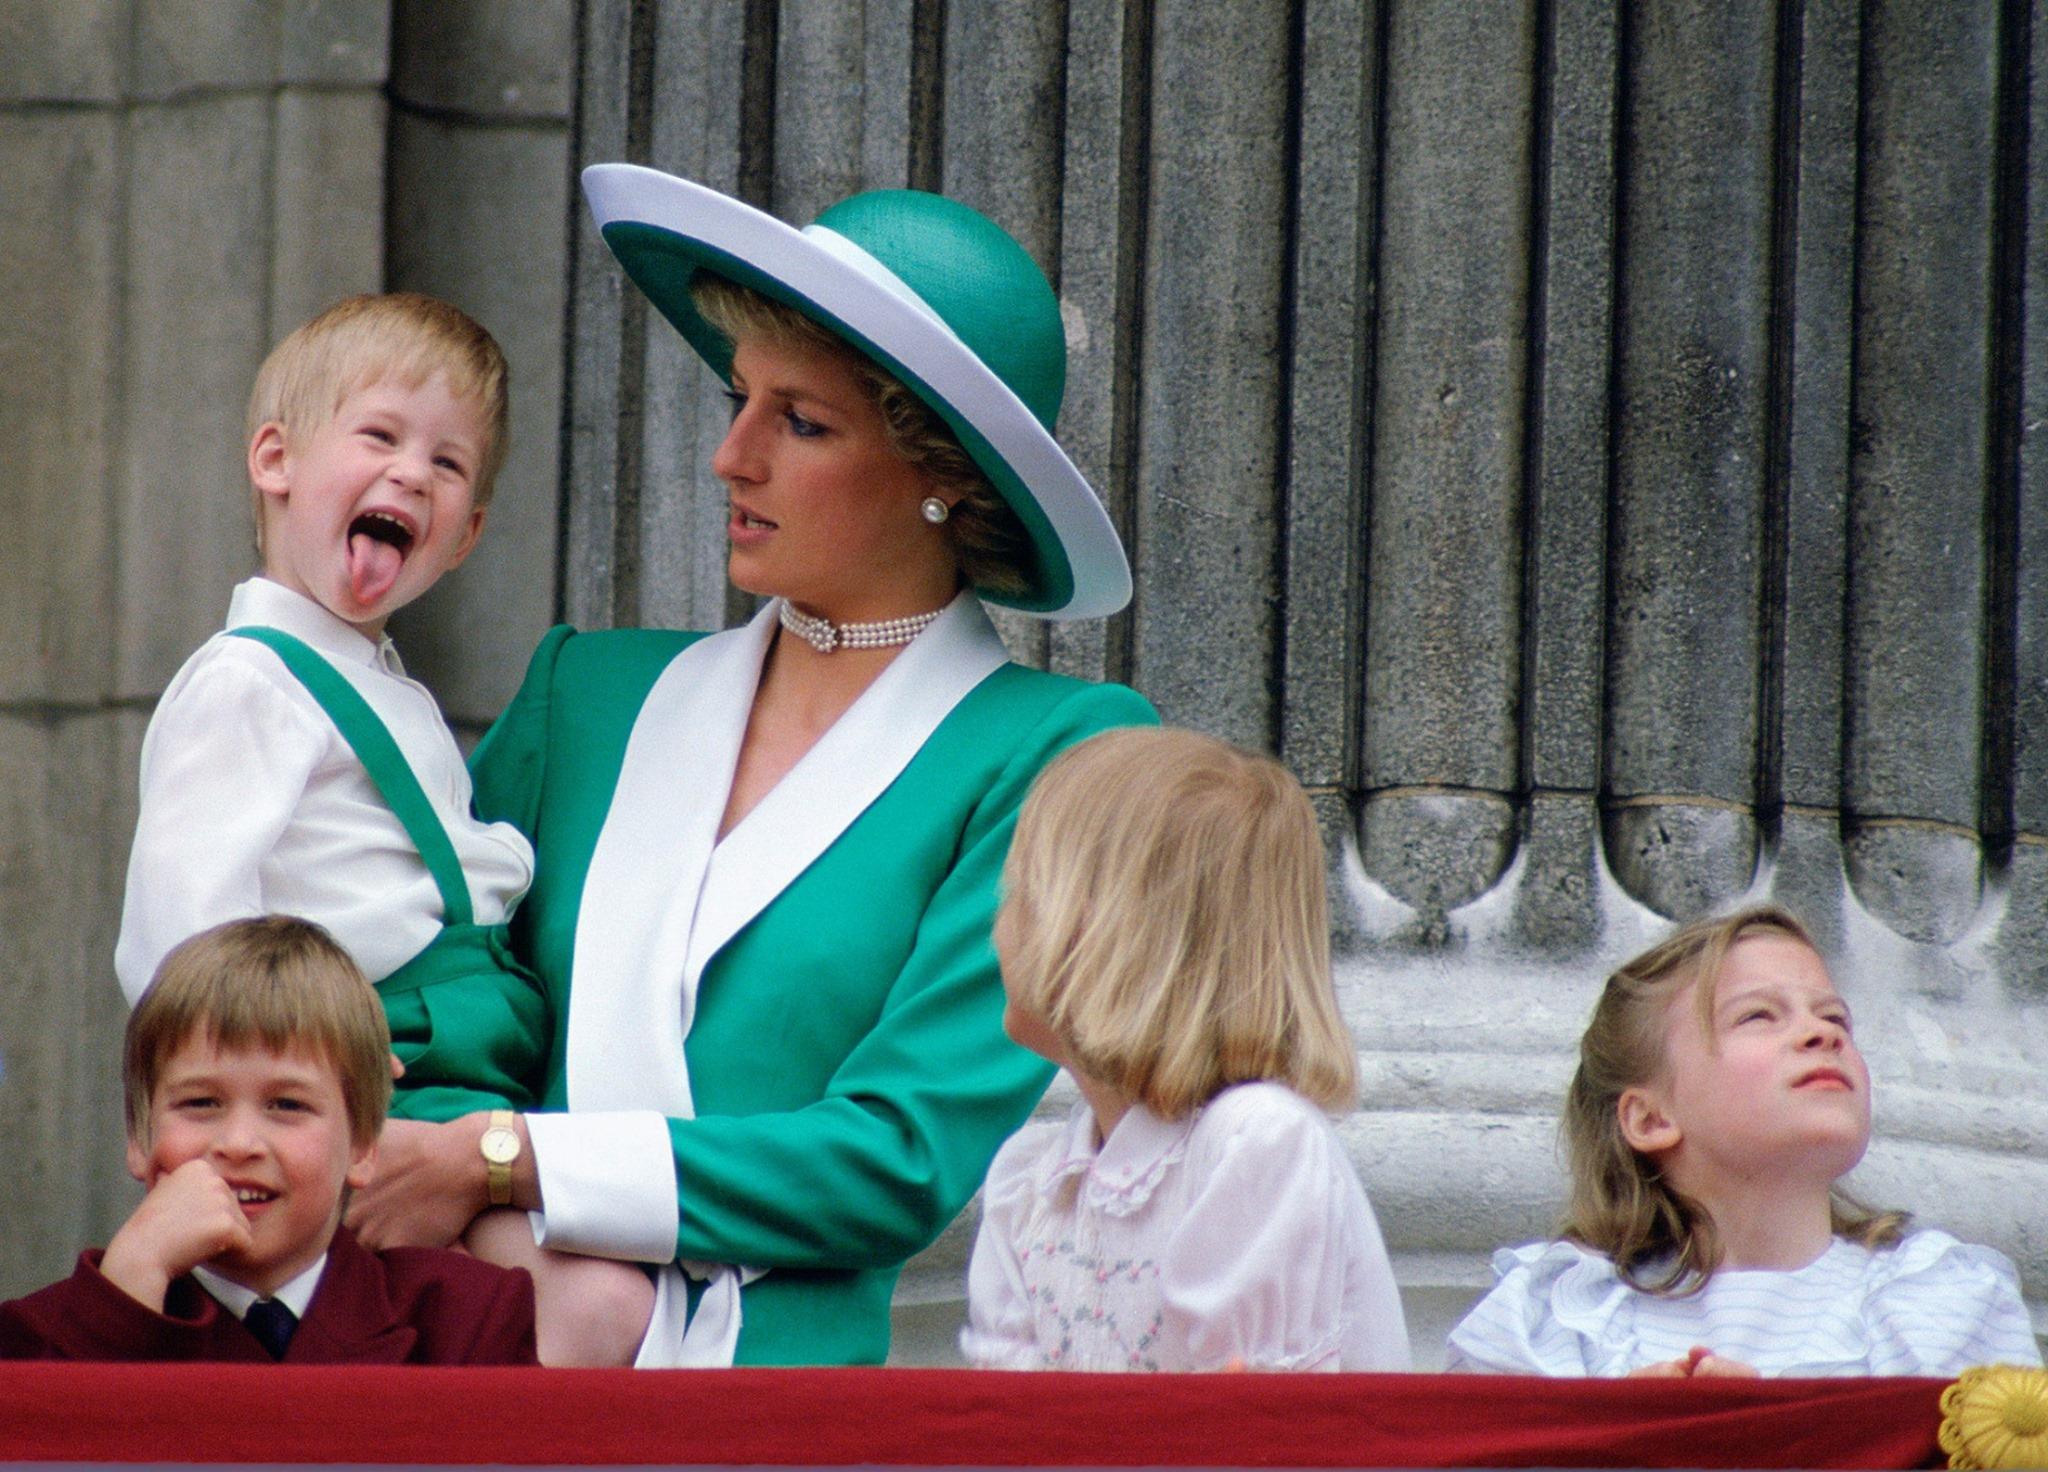 công nương diana và hoàng tử harry trong lễ phục màu xanh lá